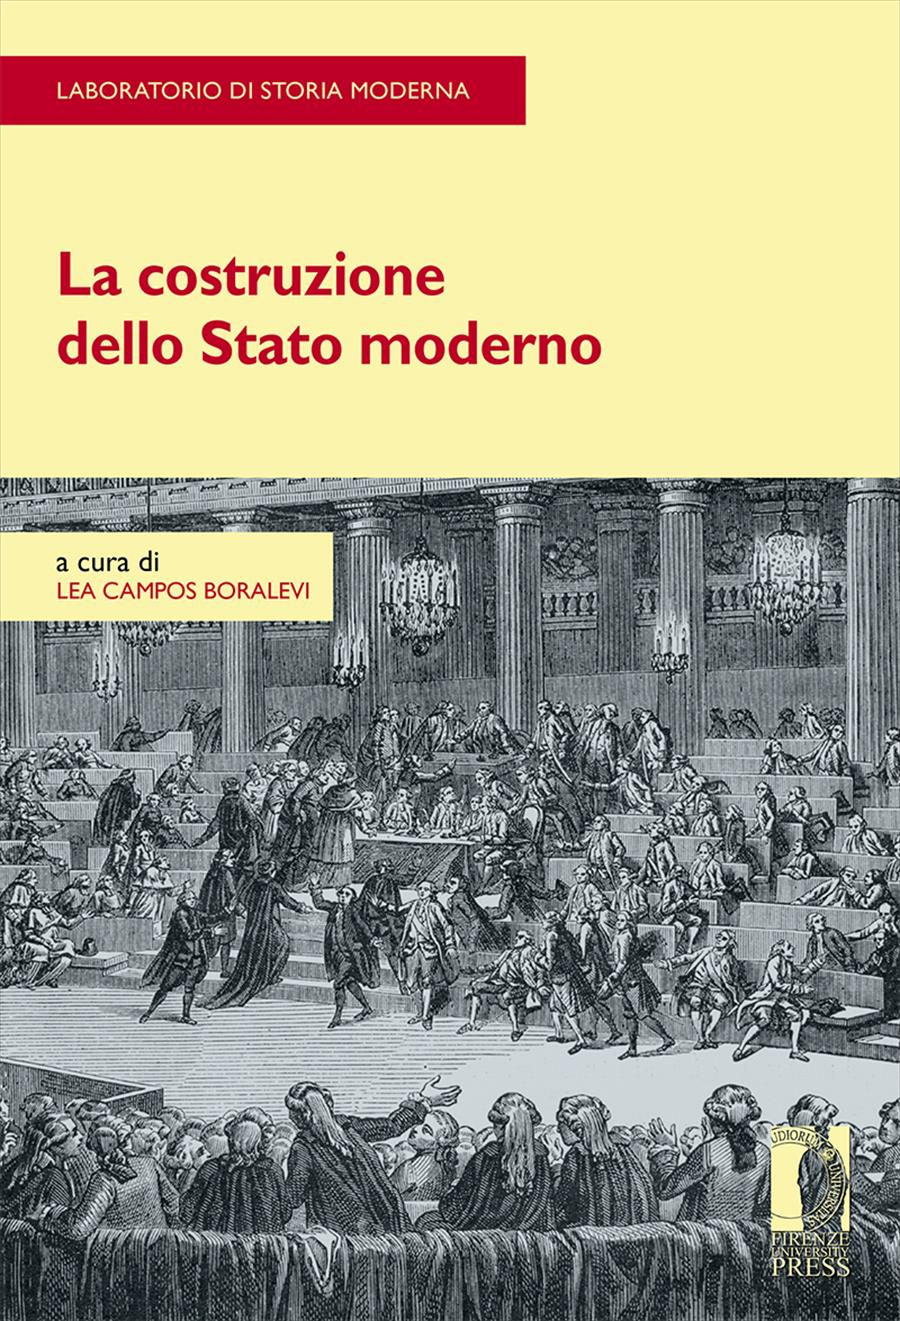 La costruzione dello Stato moderno